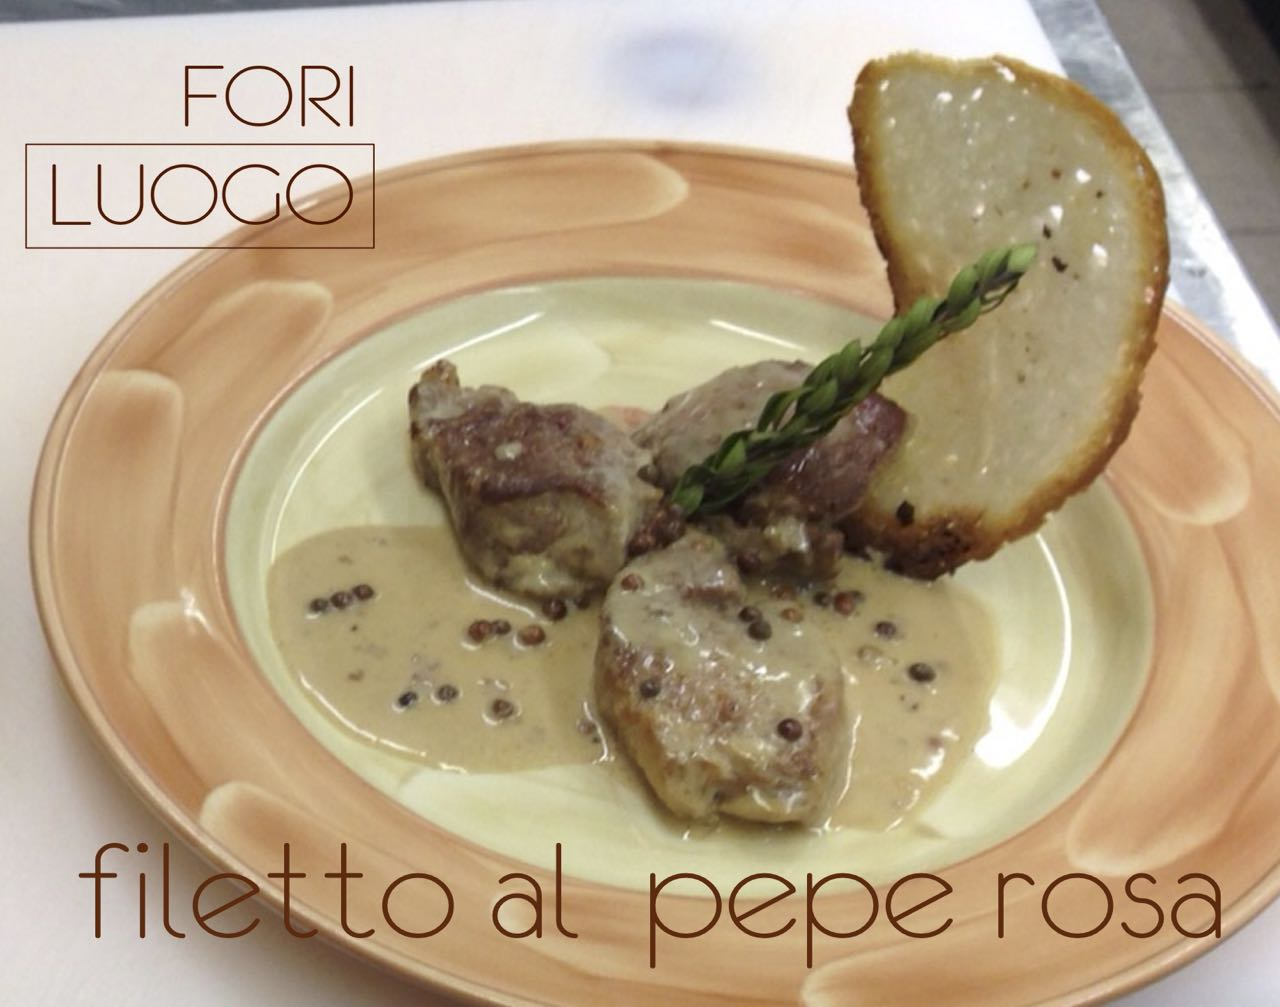 filetto-al-pepe-rosa_LOGO